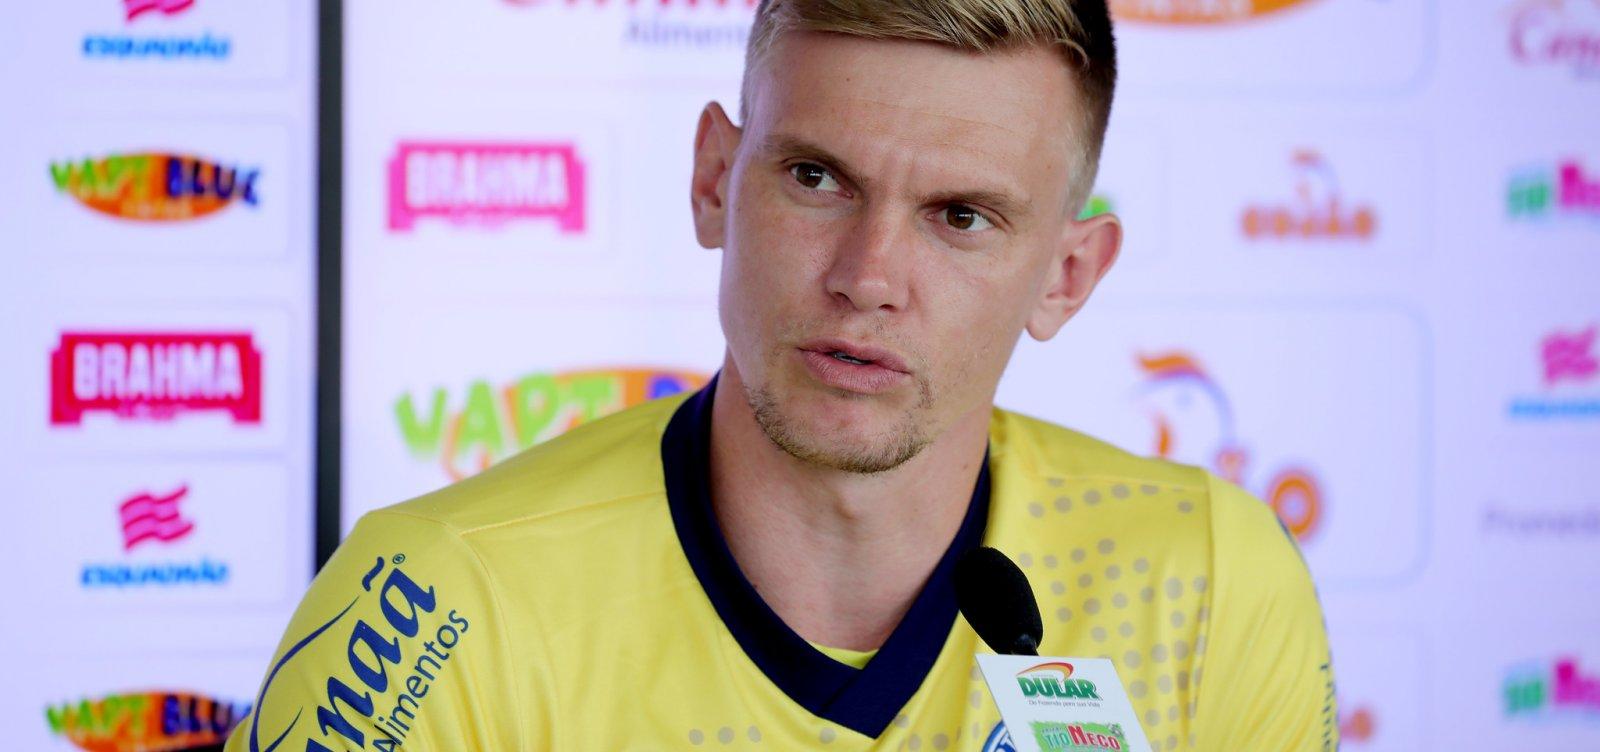 Douglas lamenta empate com o Palmeiras: 'Infelizmente não conseguimos o triunfo'